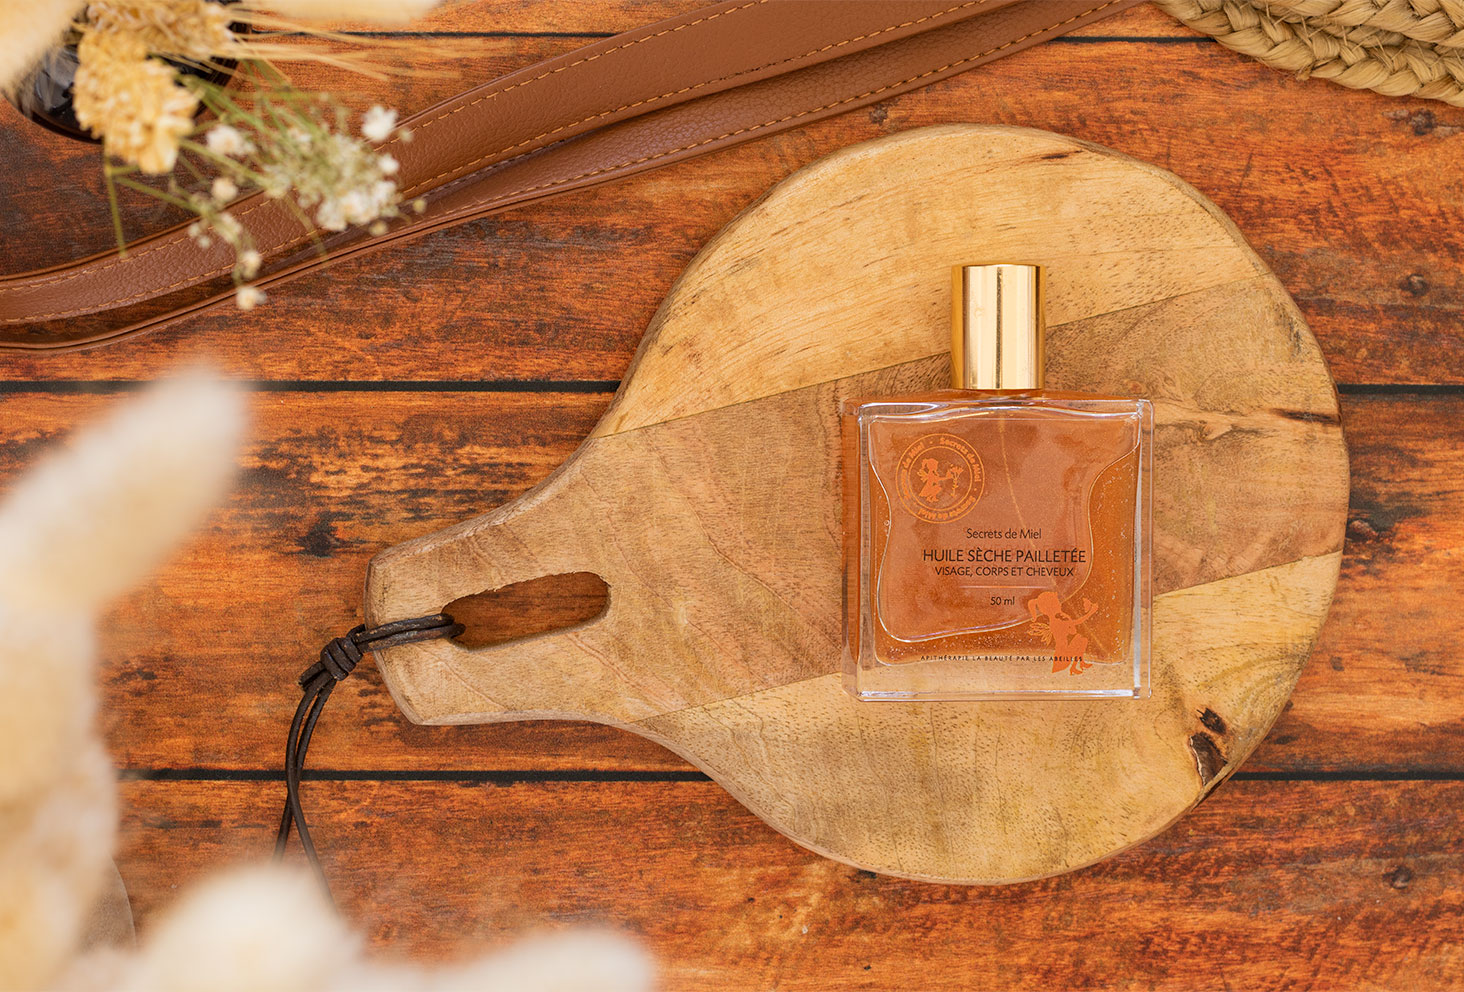 Zoom sur l'huile sèche pailletée de Secrets de Miel posée sur une planche à découper en bois